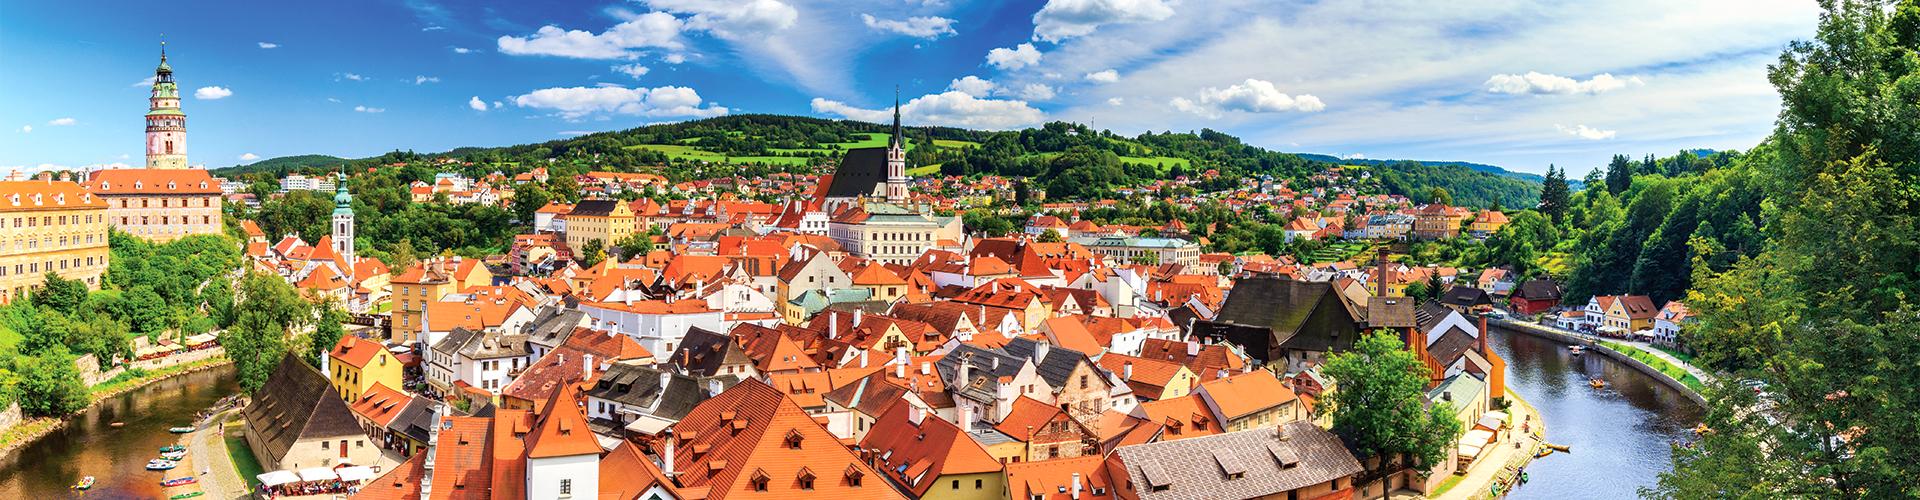 Czech Republic: Culture, Education, & History